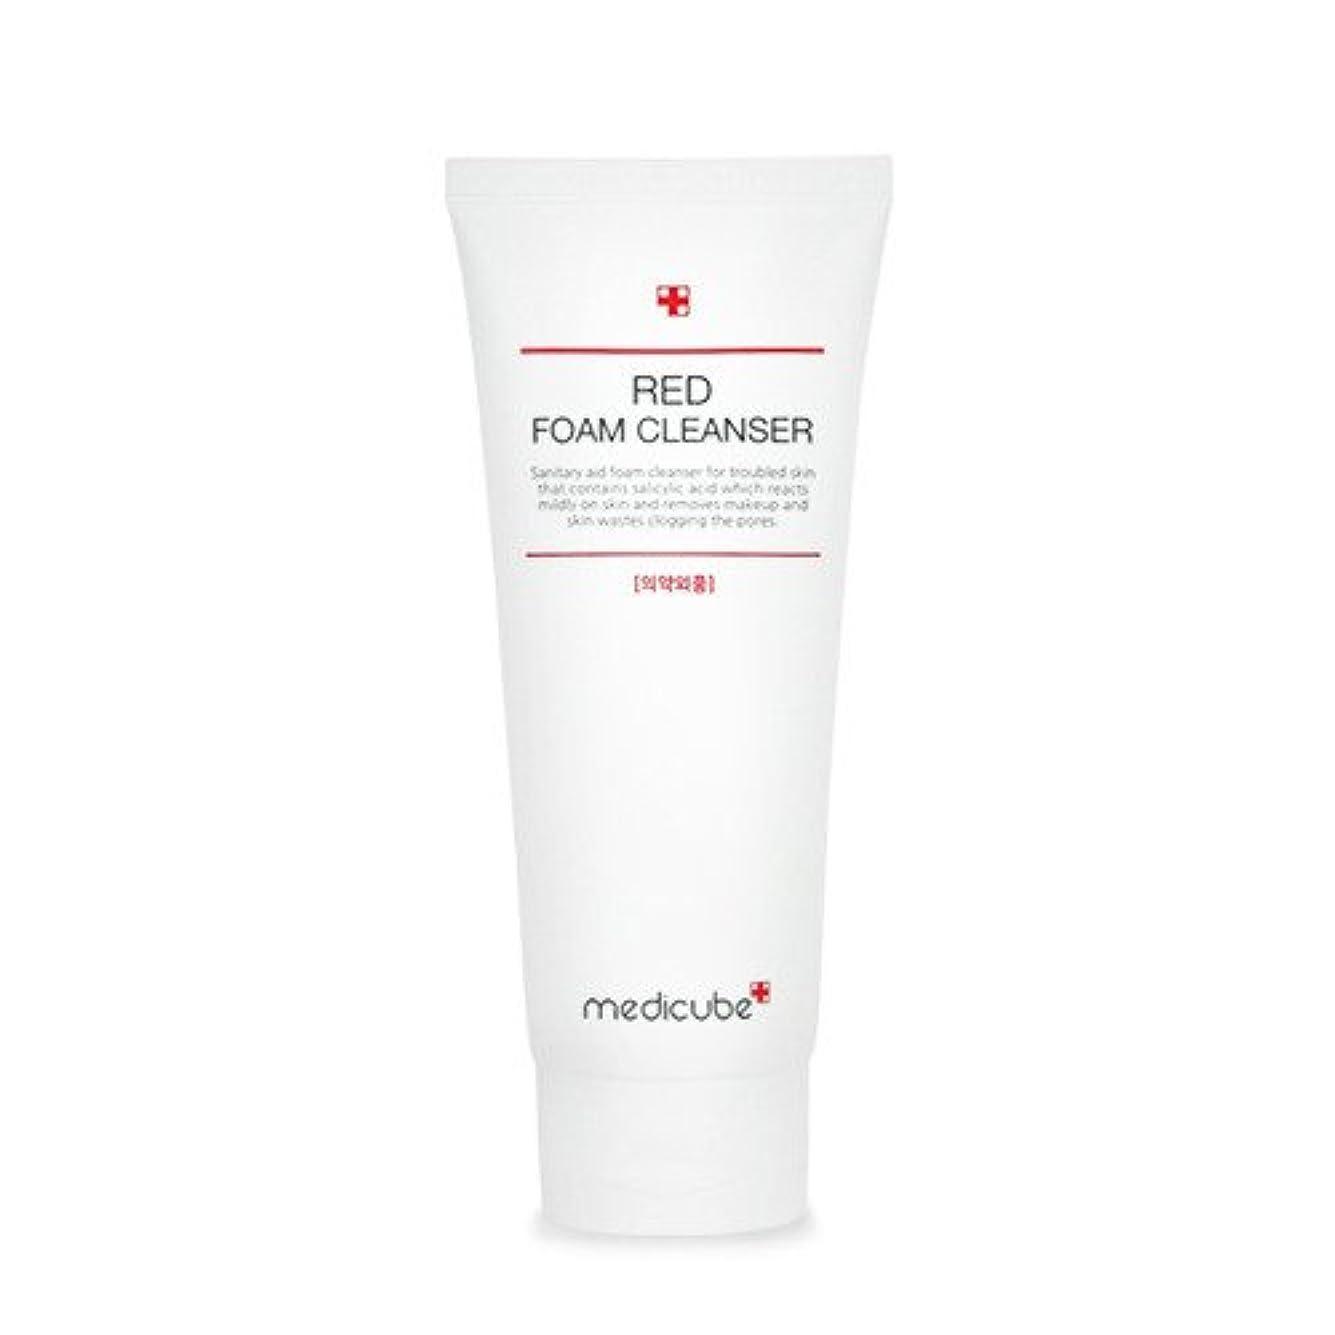 テンポ歯科医日没[Medicube]Red Foam Cleanser 120ml / メディキューブレッドクレンジングフォーム / 正品?海外直送商品 [並行輸入品]